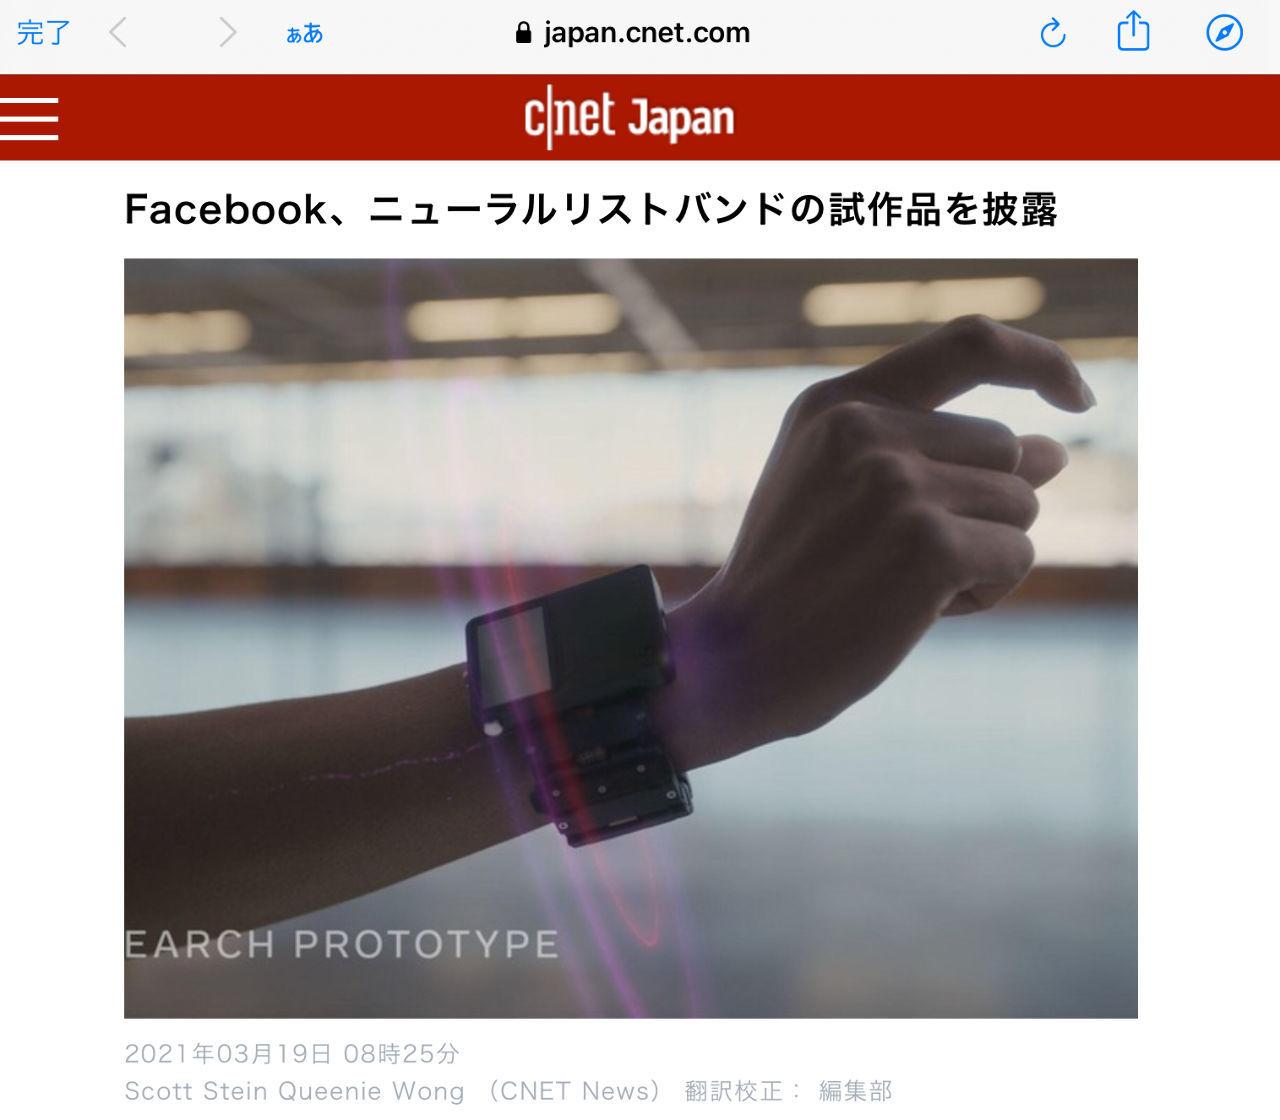 くるみぱん3 記事  Facebook、ニューラルリストバンドの試作品を披露  2021年03月19日 08時25